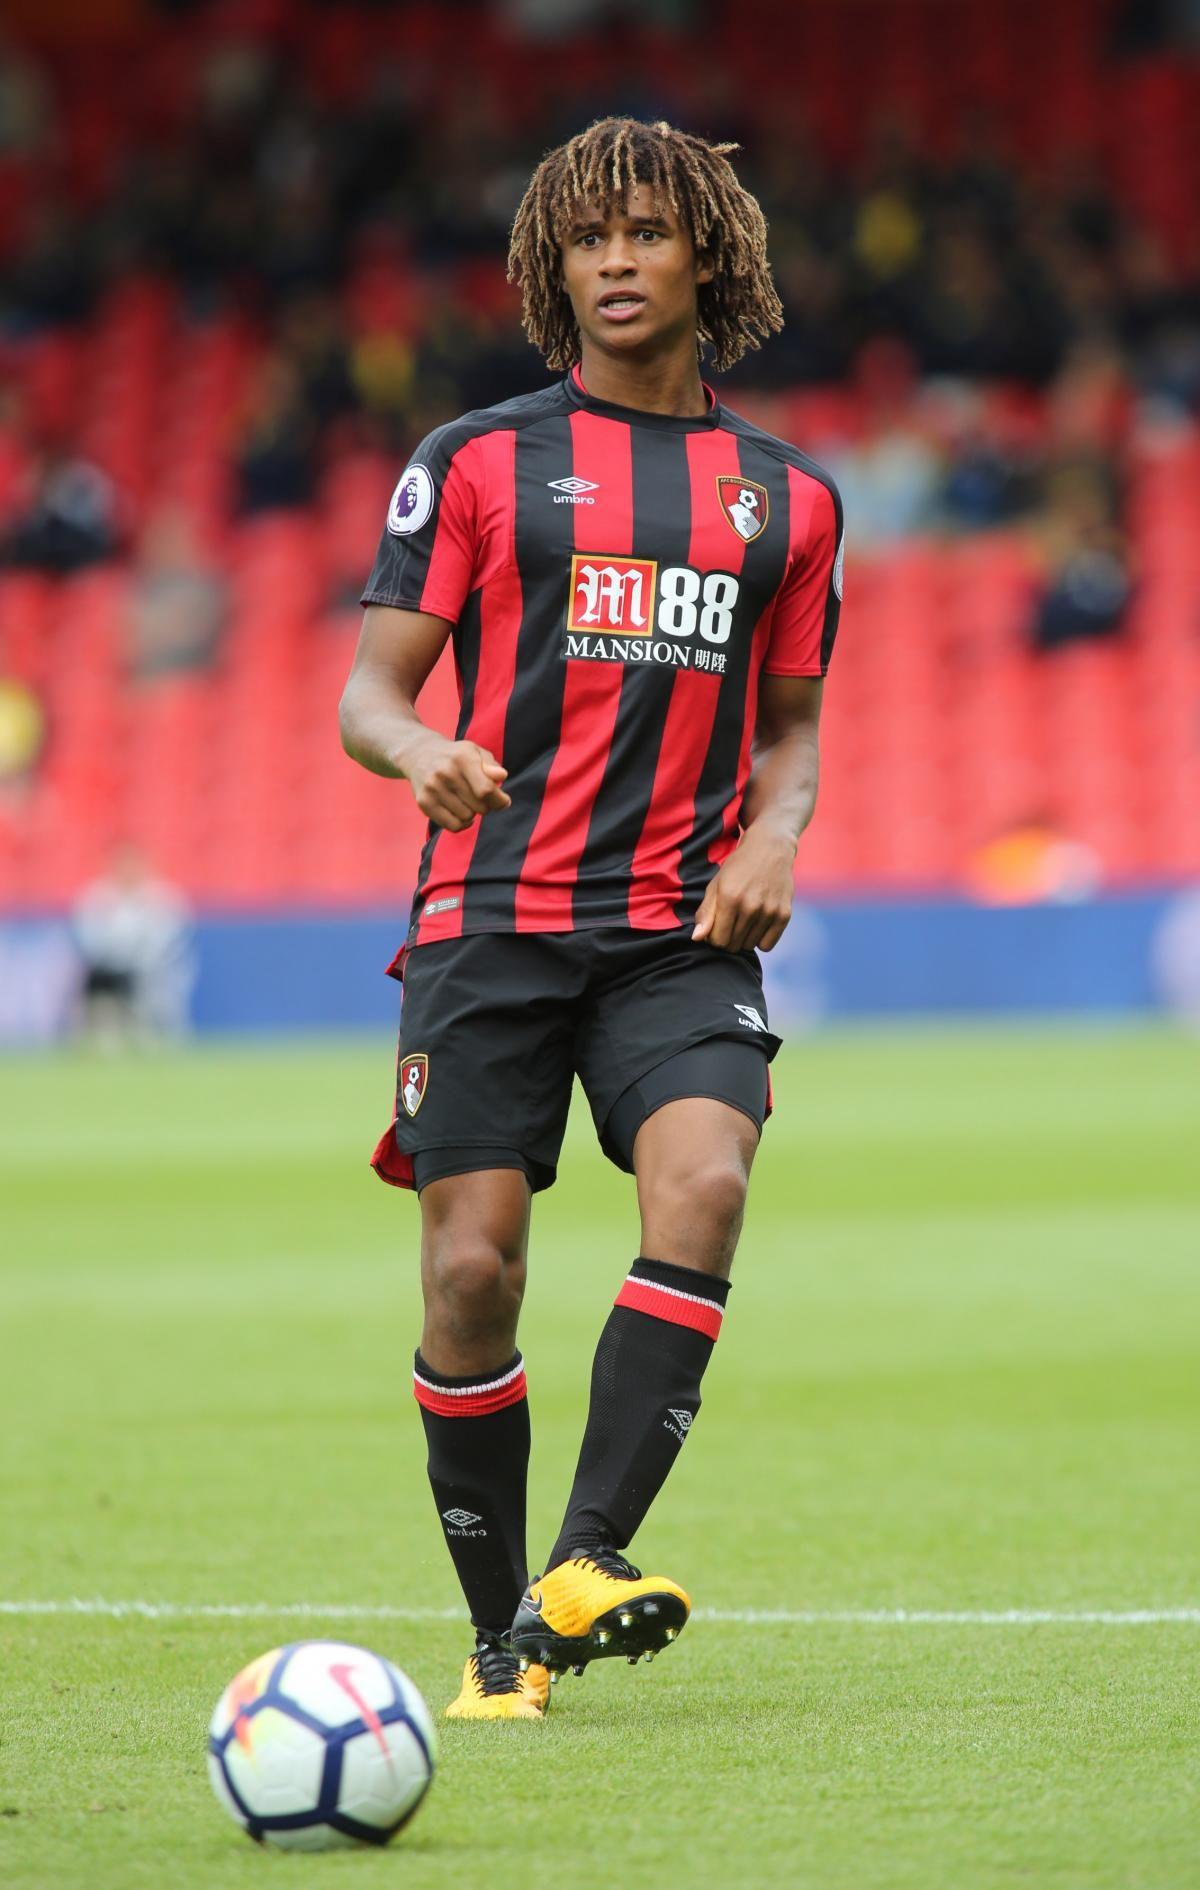 Nathan Aké AFC Bournemouth 5 Nathan aké, Afc